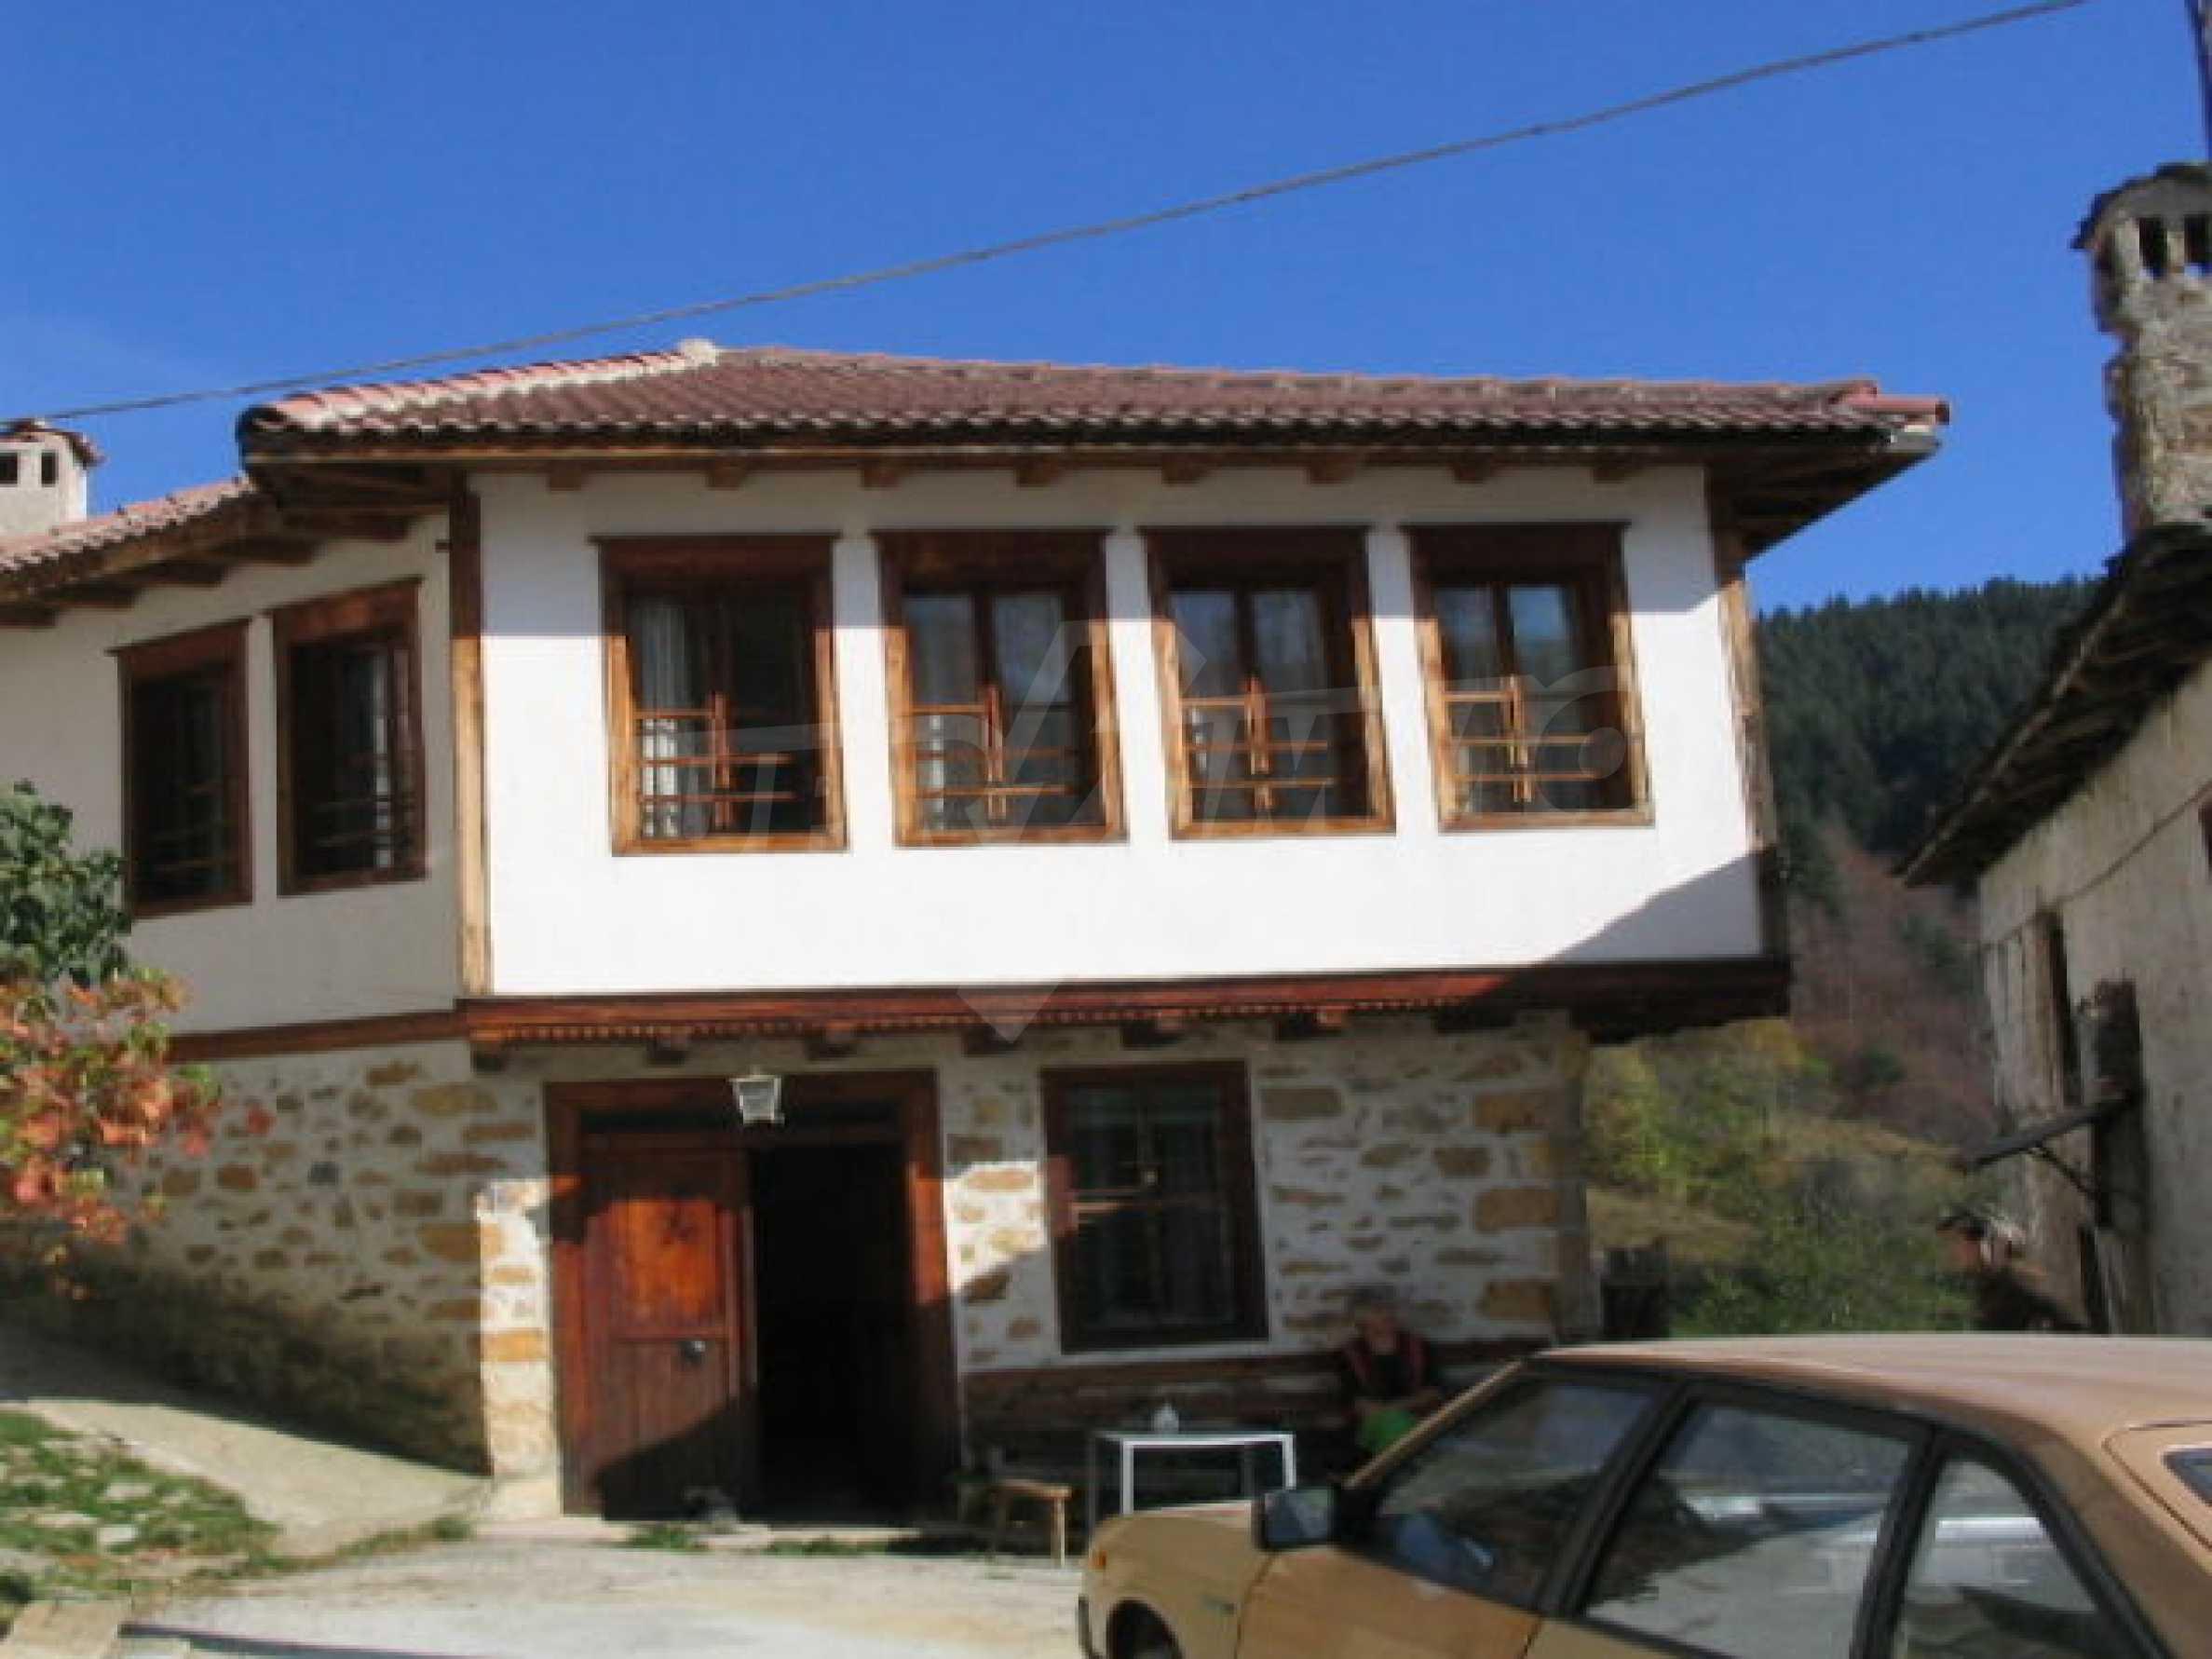 Traditionelles Haus im alten bulgarischen Stil nahe Pamporovo